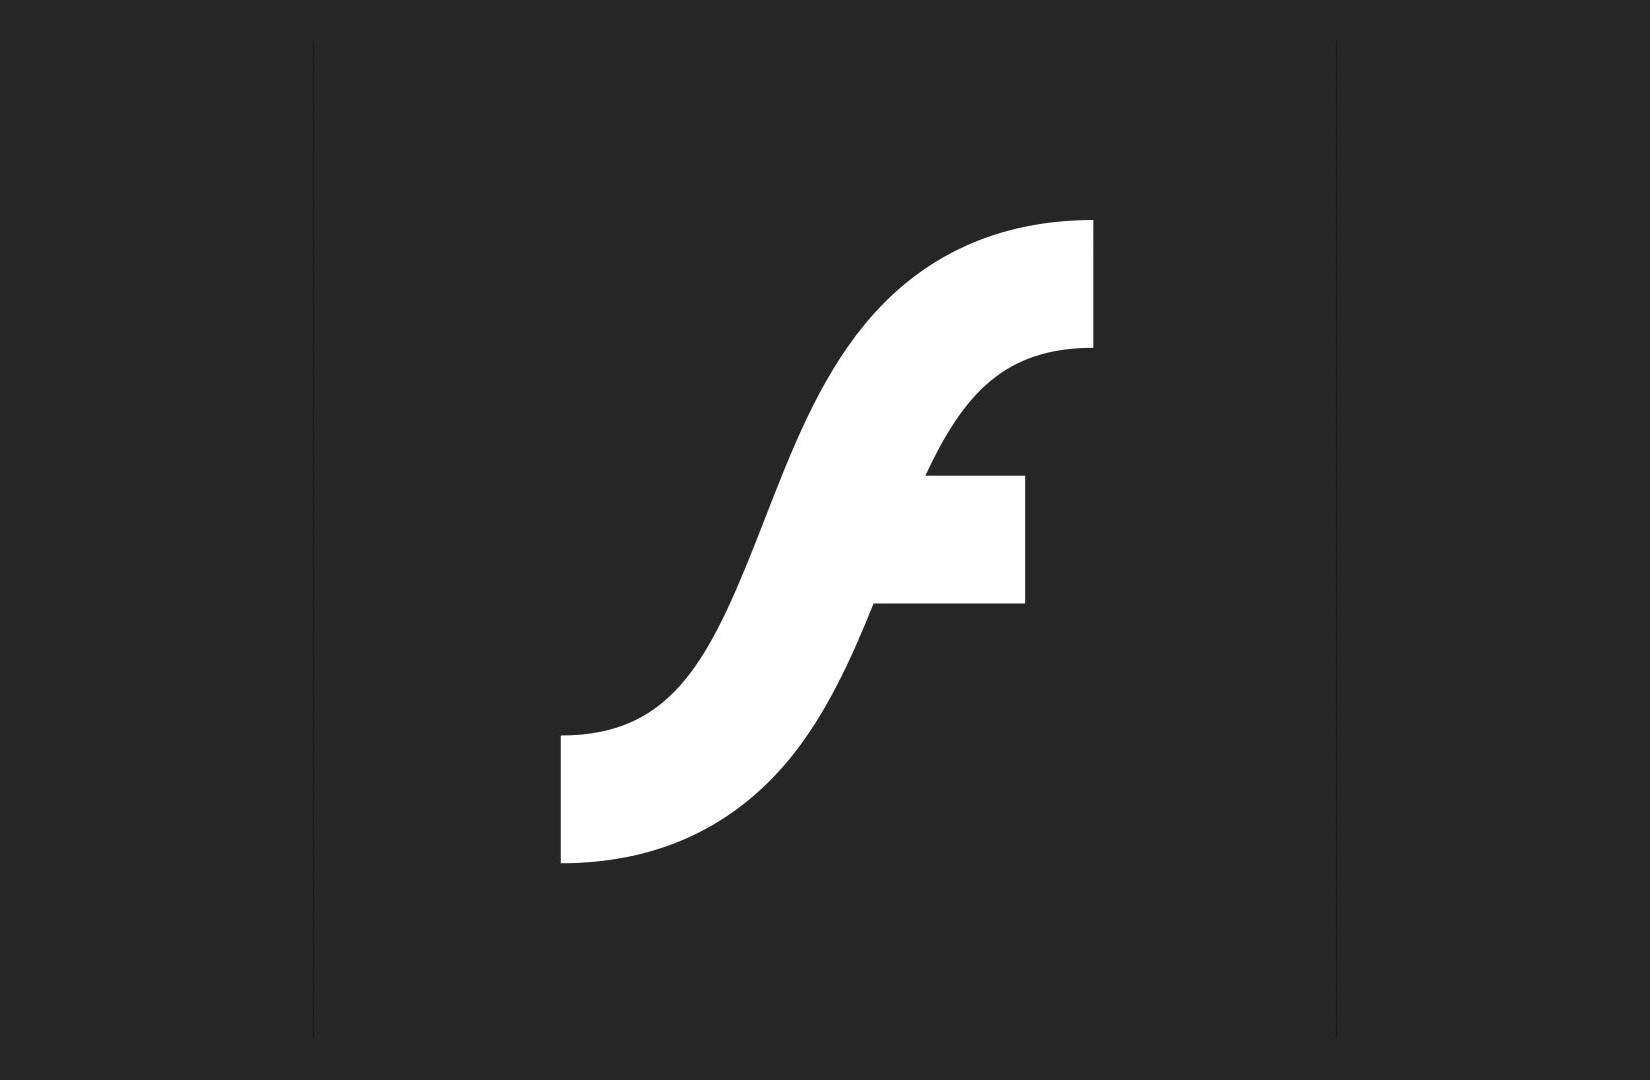 Sito internet con Adobe Flash, cosa fare?